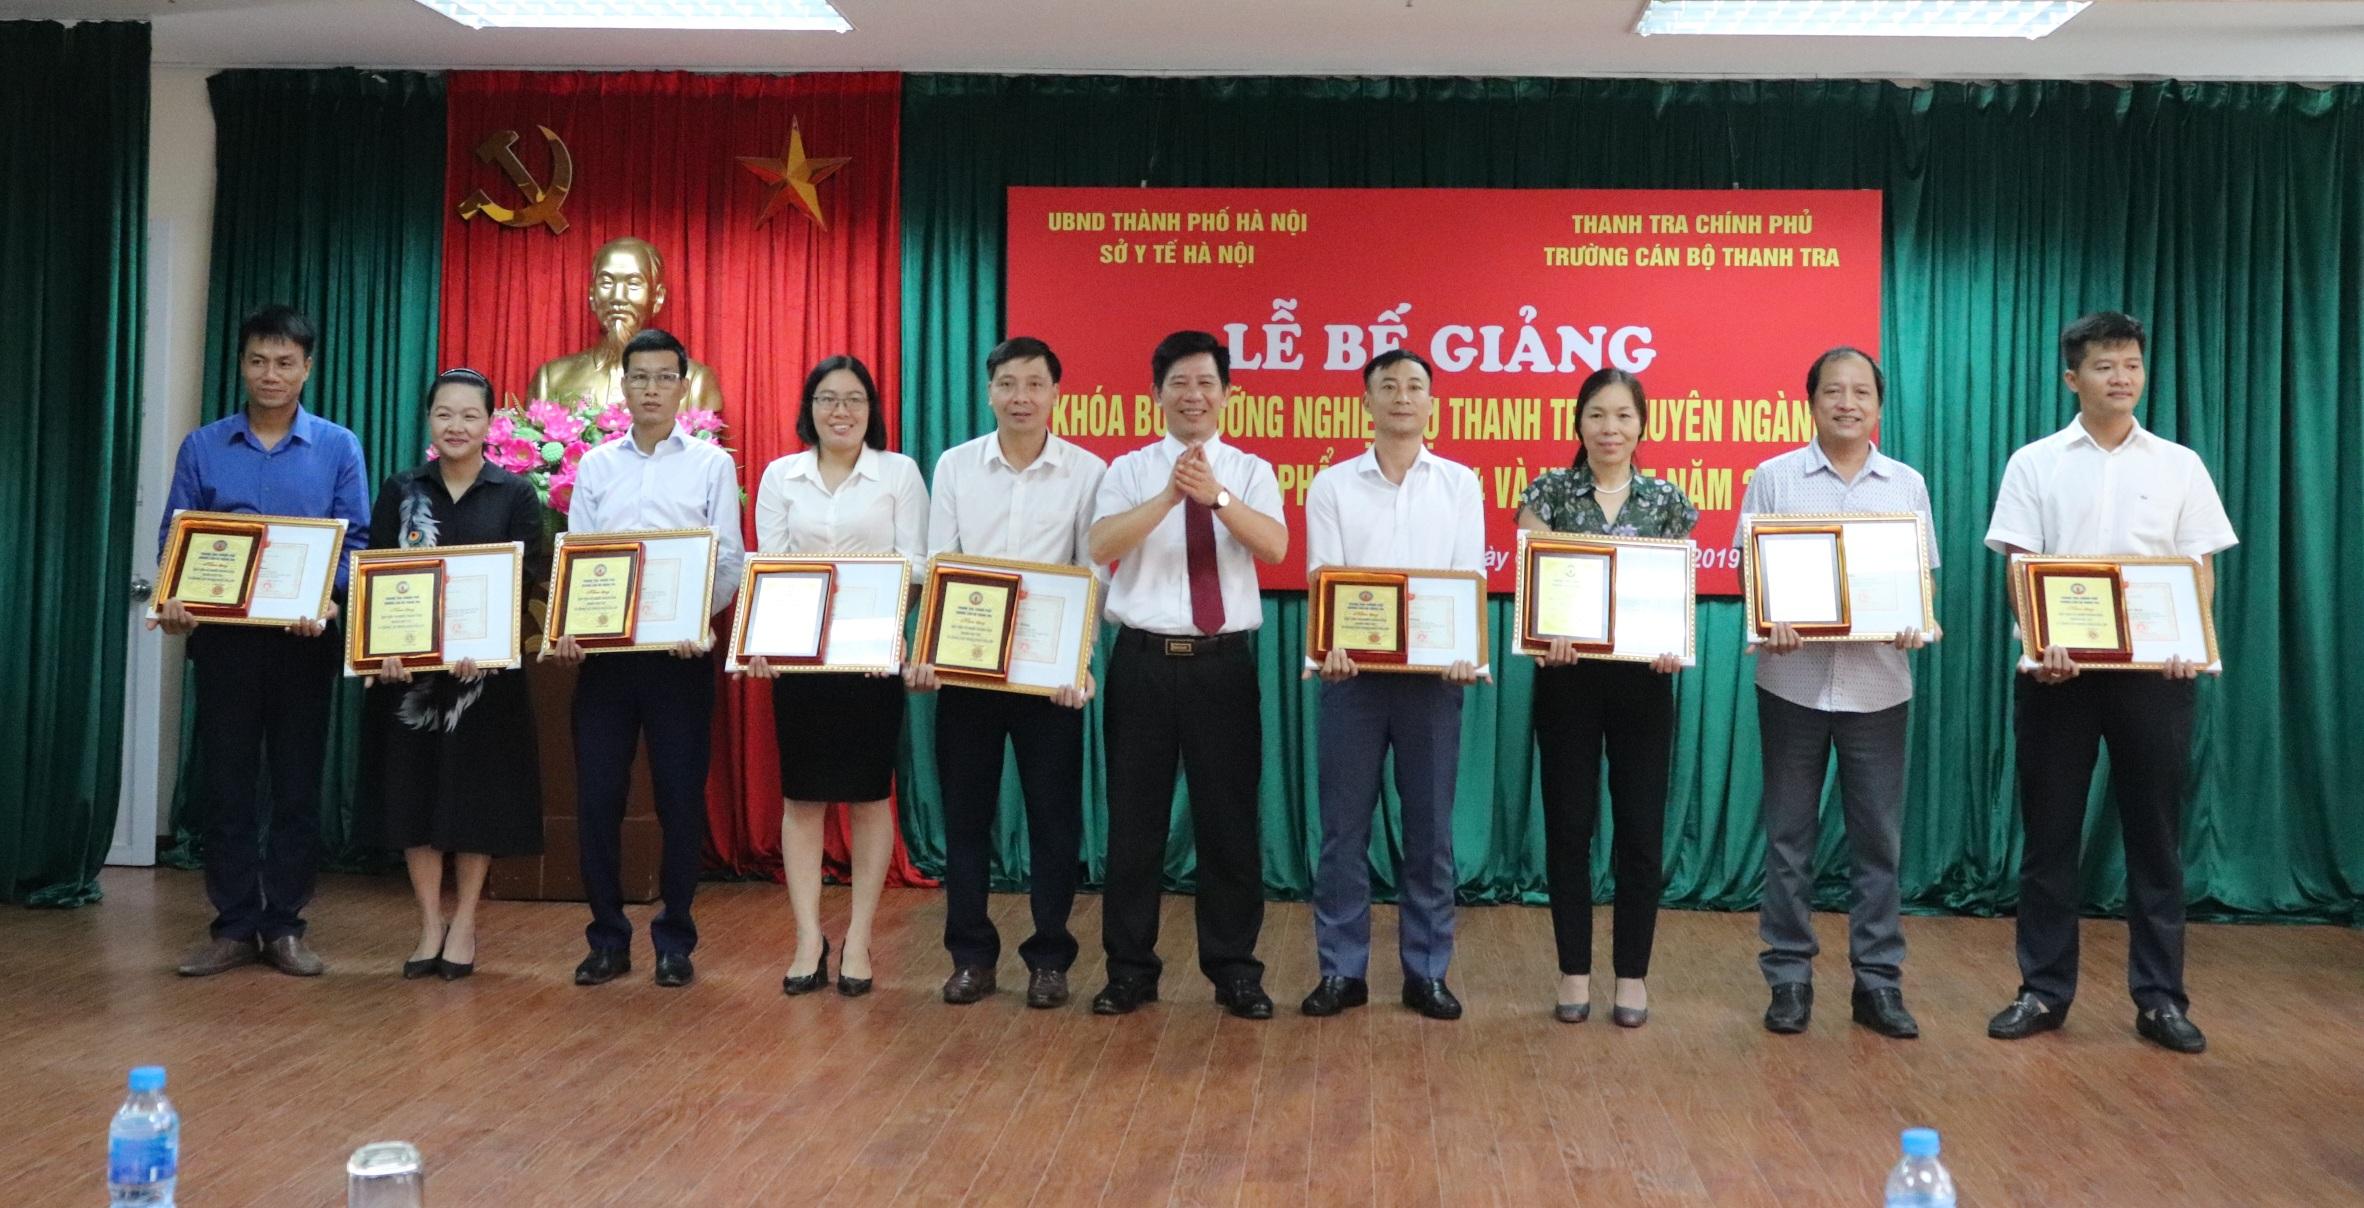 Phó Hiệu trưởng Nhà trường trao GK cho học viên